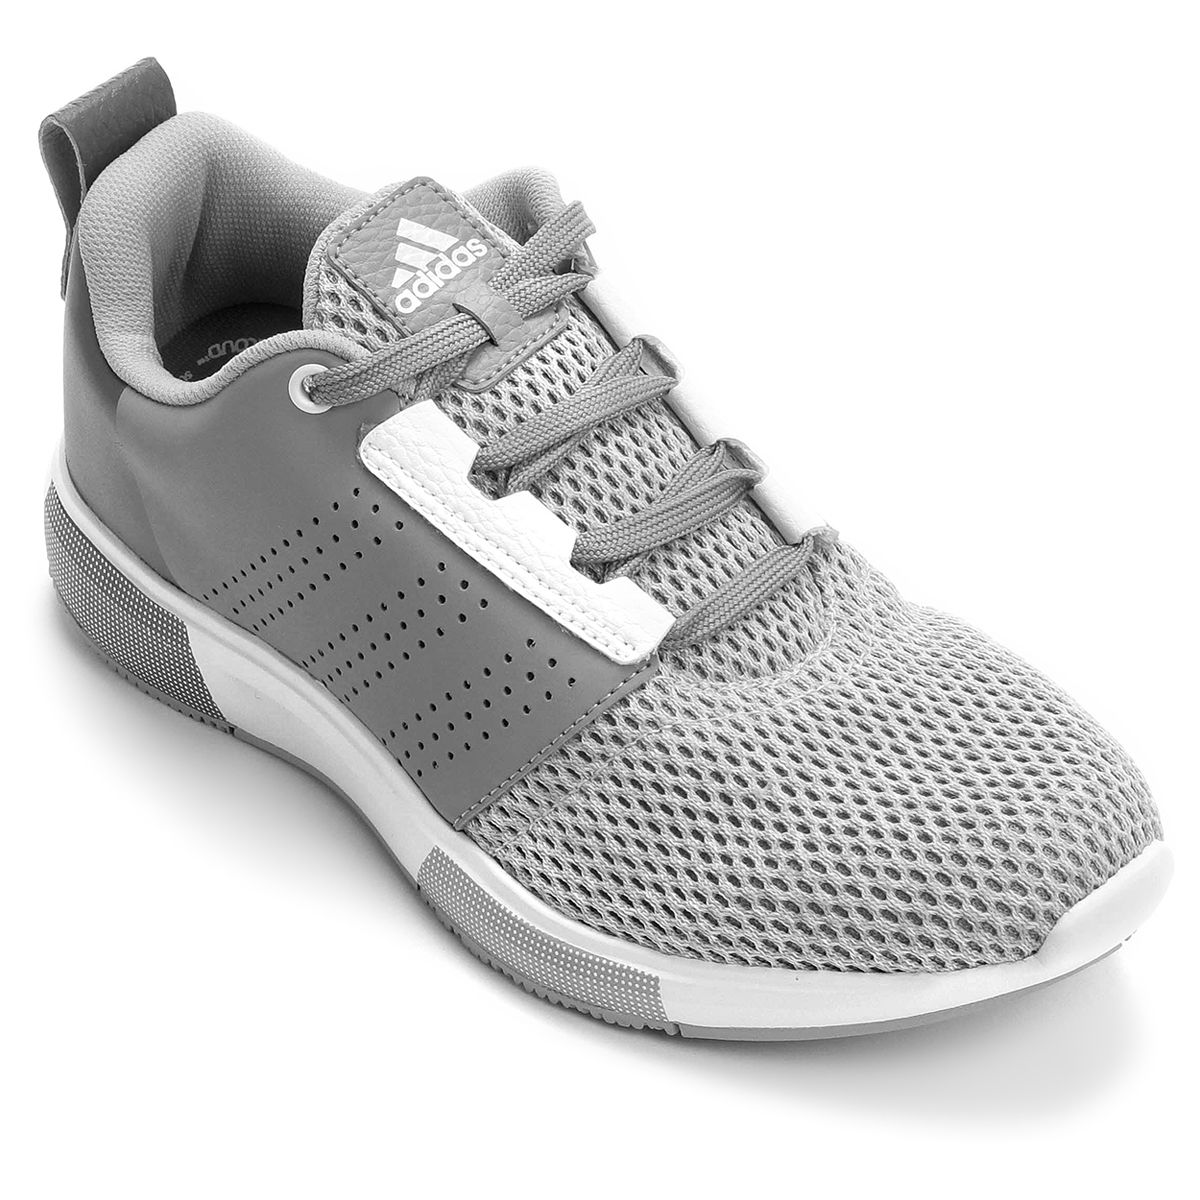 Tênis Adidas Madoru 2 Cinza e Branco   Netshoes   tenis para ... ea0b07f810